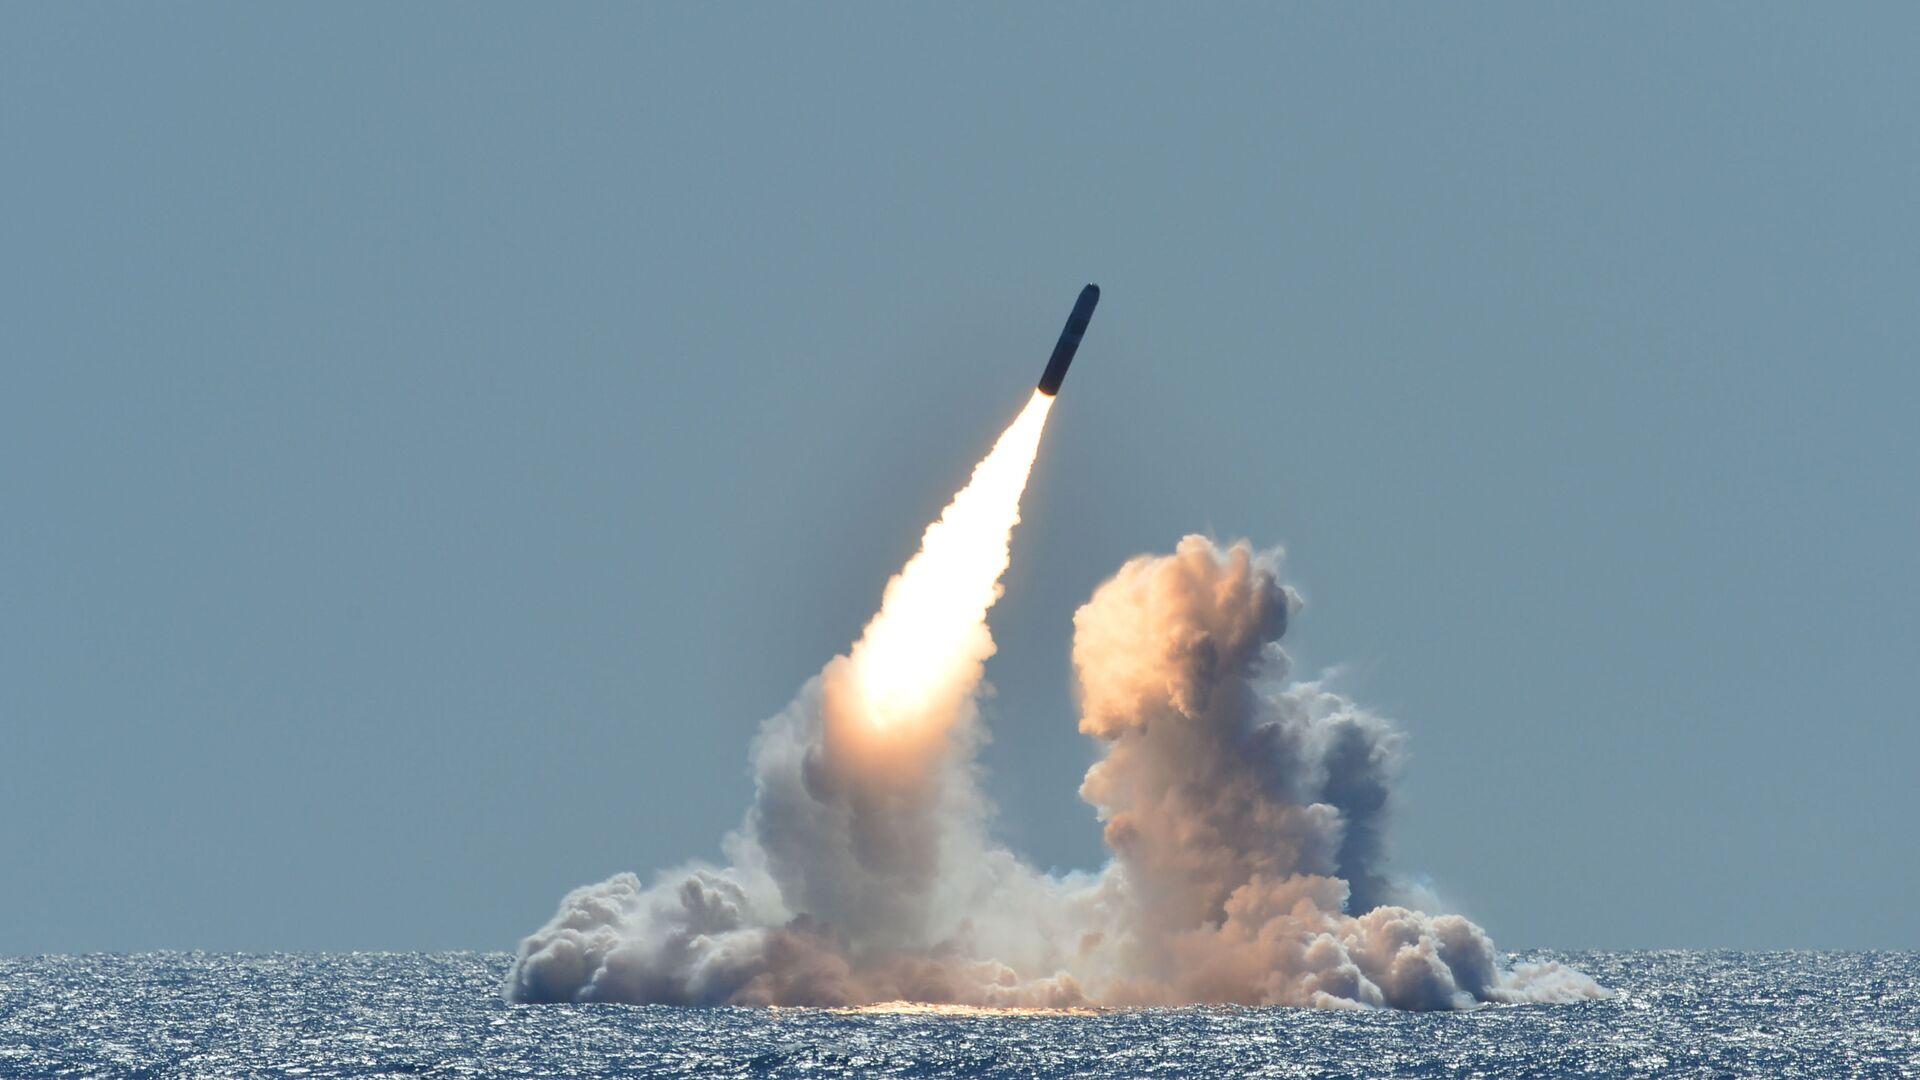 Lansiranje rakete Trajdent II D5 sa američke podmornice Nebraska nedaleko od obale Kalifornije - Sputnik Srbija, 1920, 18.09.2021